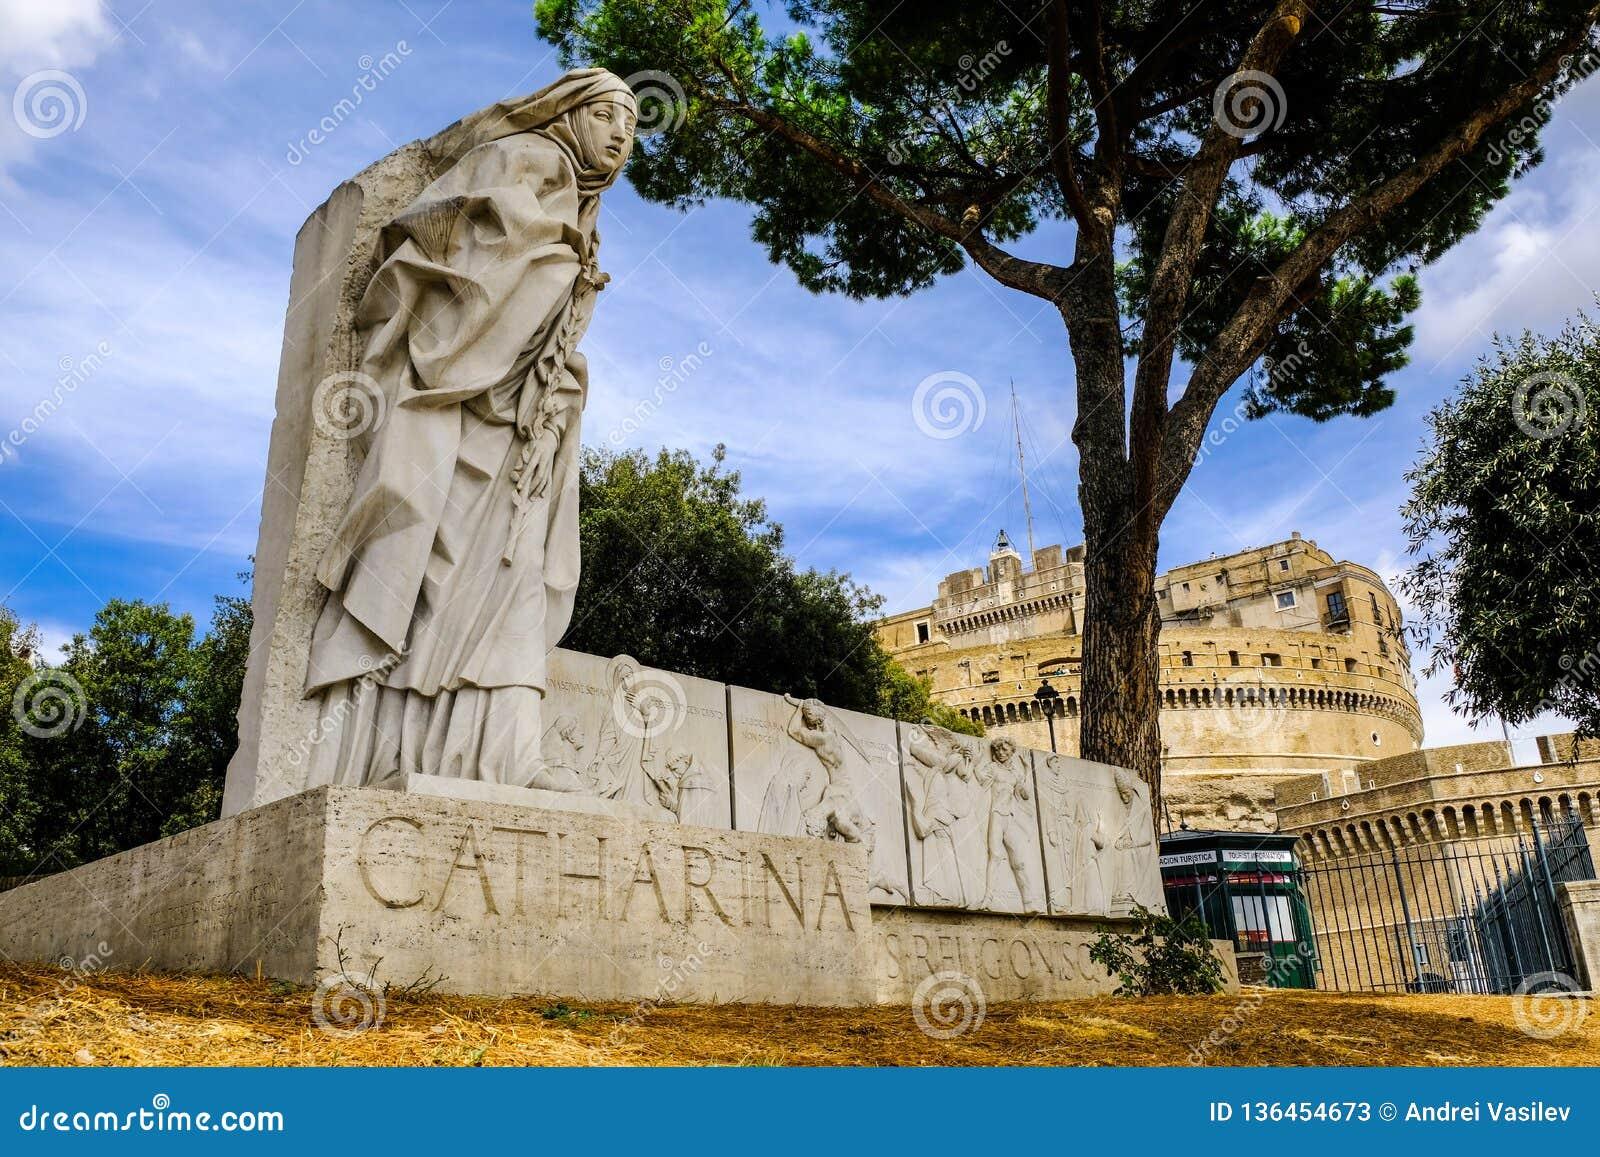 Catharina Monumento a st Caterina de Siena con el castillo de Ángel del santo en el fondo